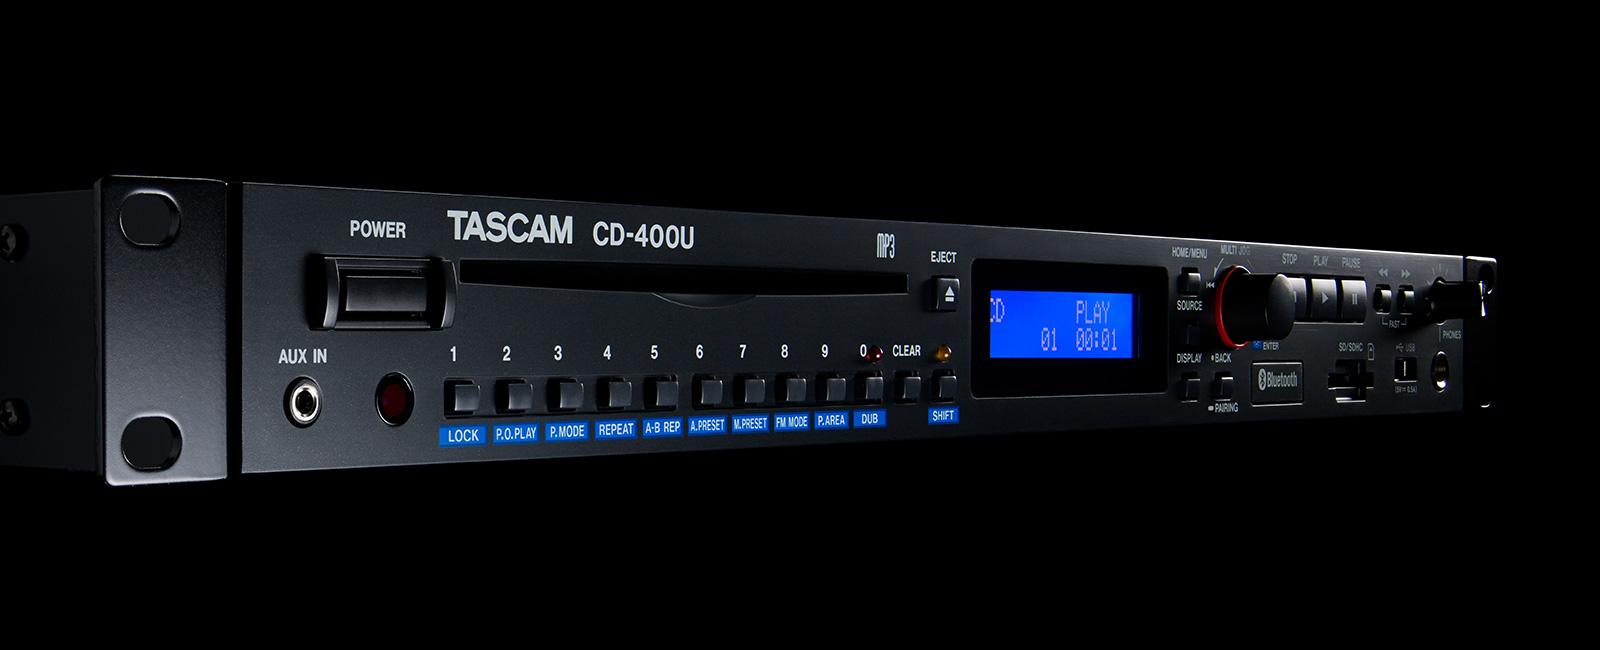 CD-400U | 製品トップ | TASCAM ...